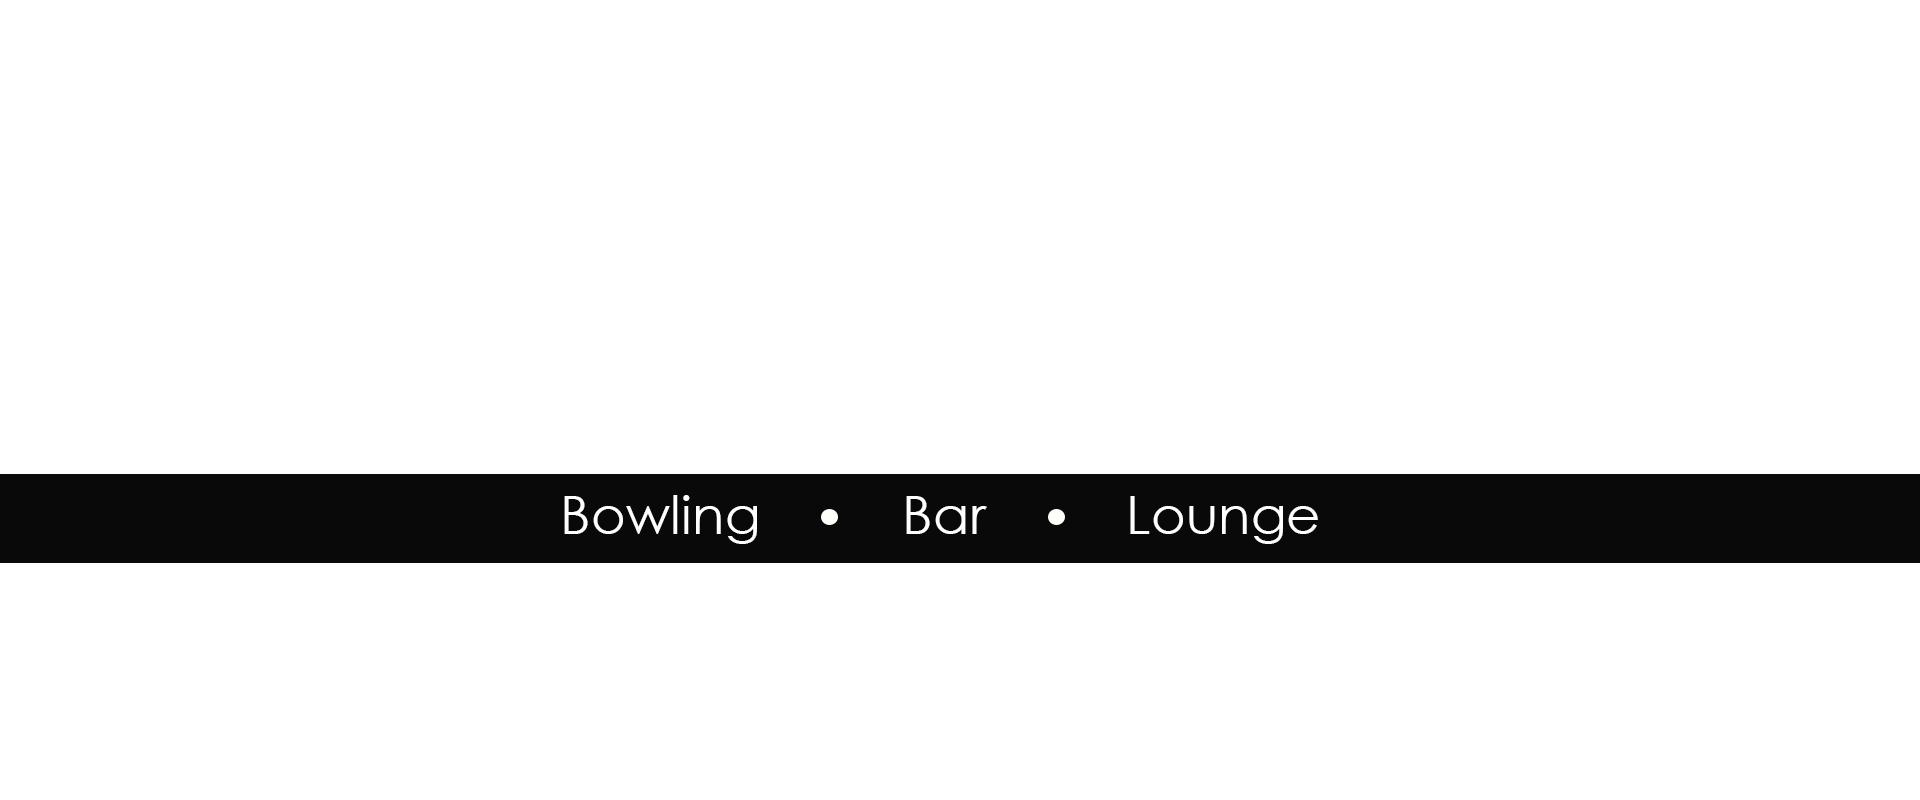 BowlingBarLounge